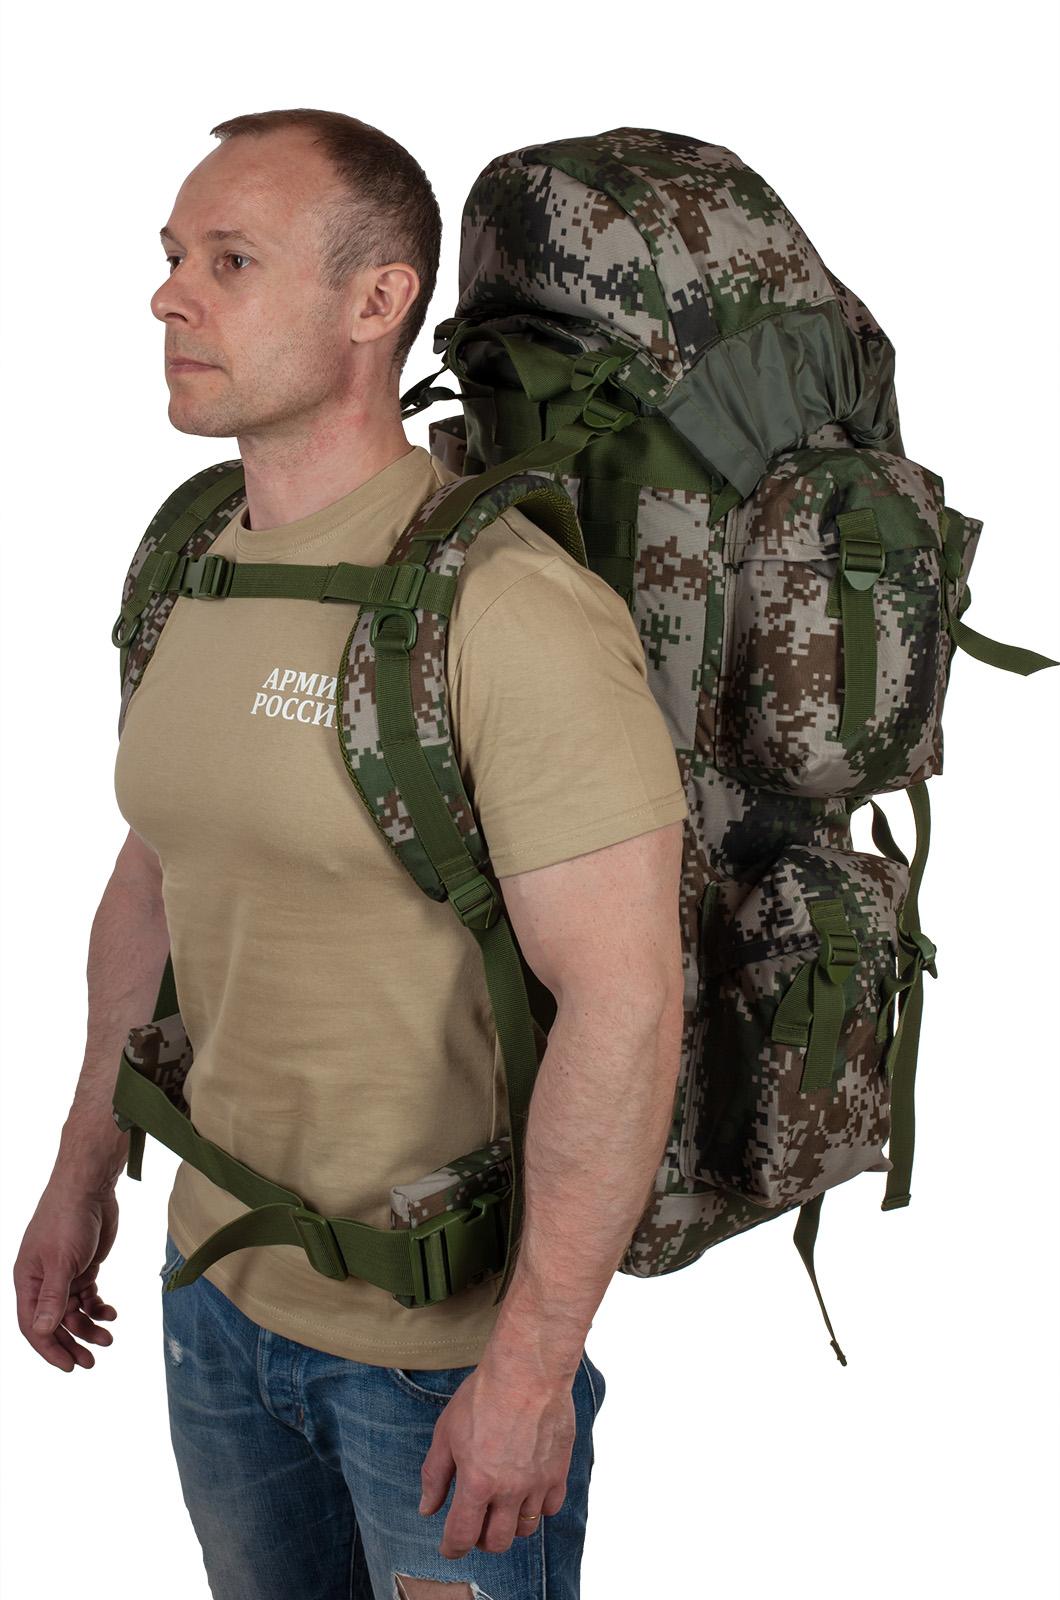 Камуфляжный надежный рюкзак с нашивкой РХБЗ - купить выгодно